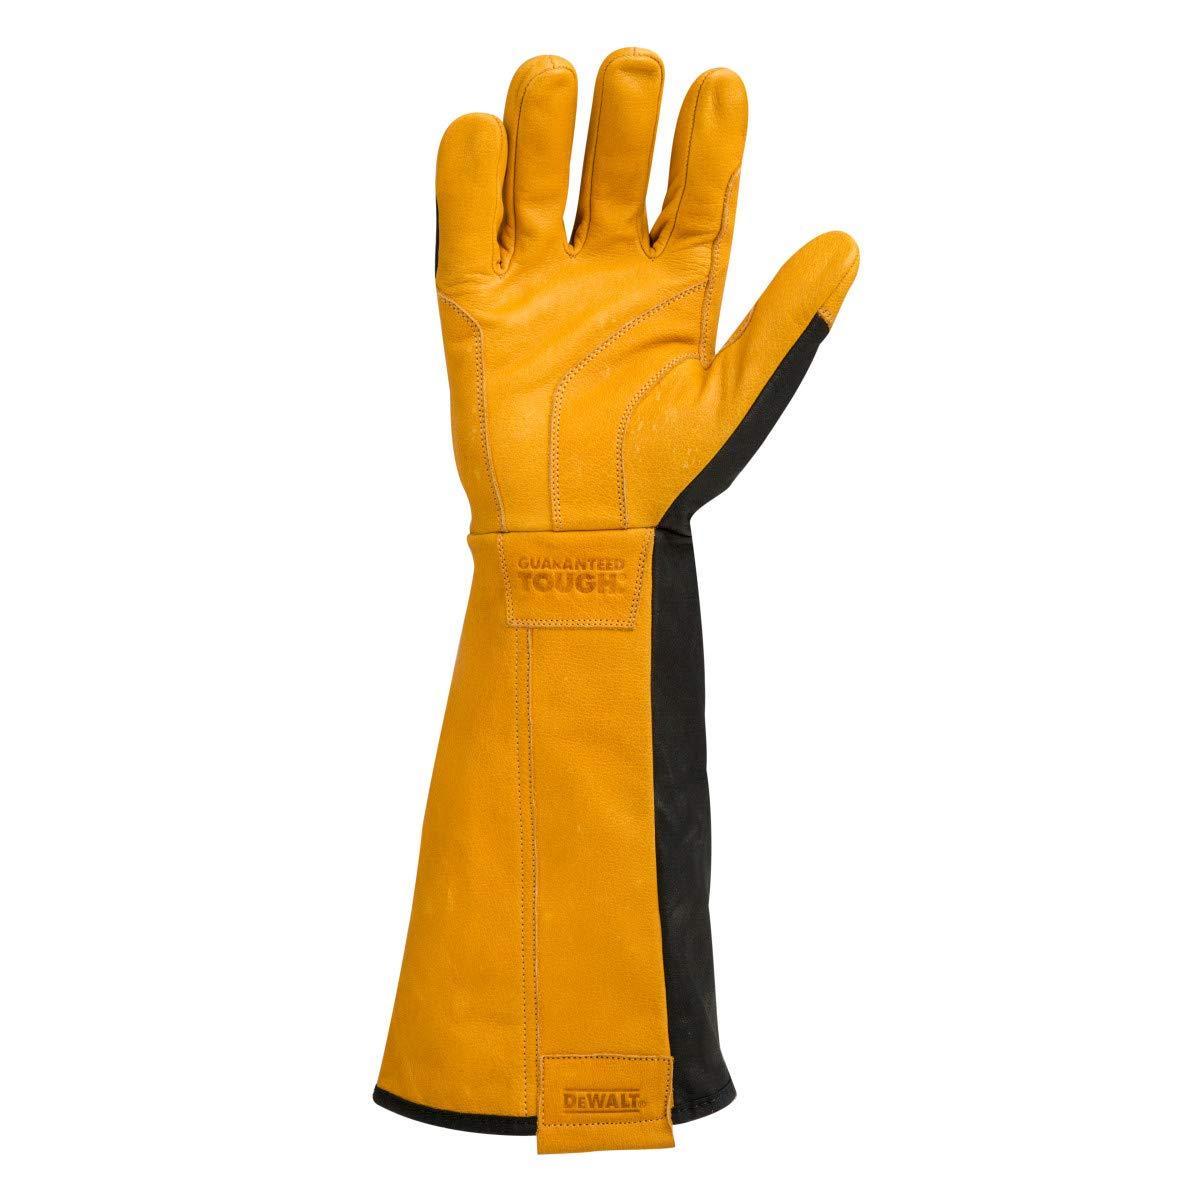 DEWALT DXMF04051MD Premium Leather Welding Gloves, Medium by DEWALT (Image #3)